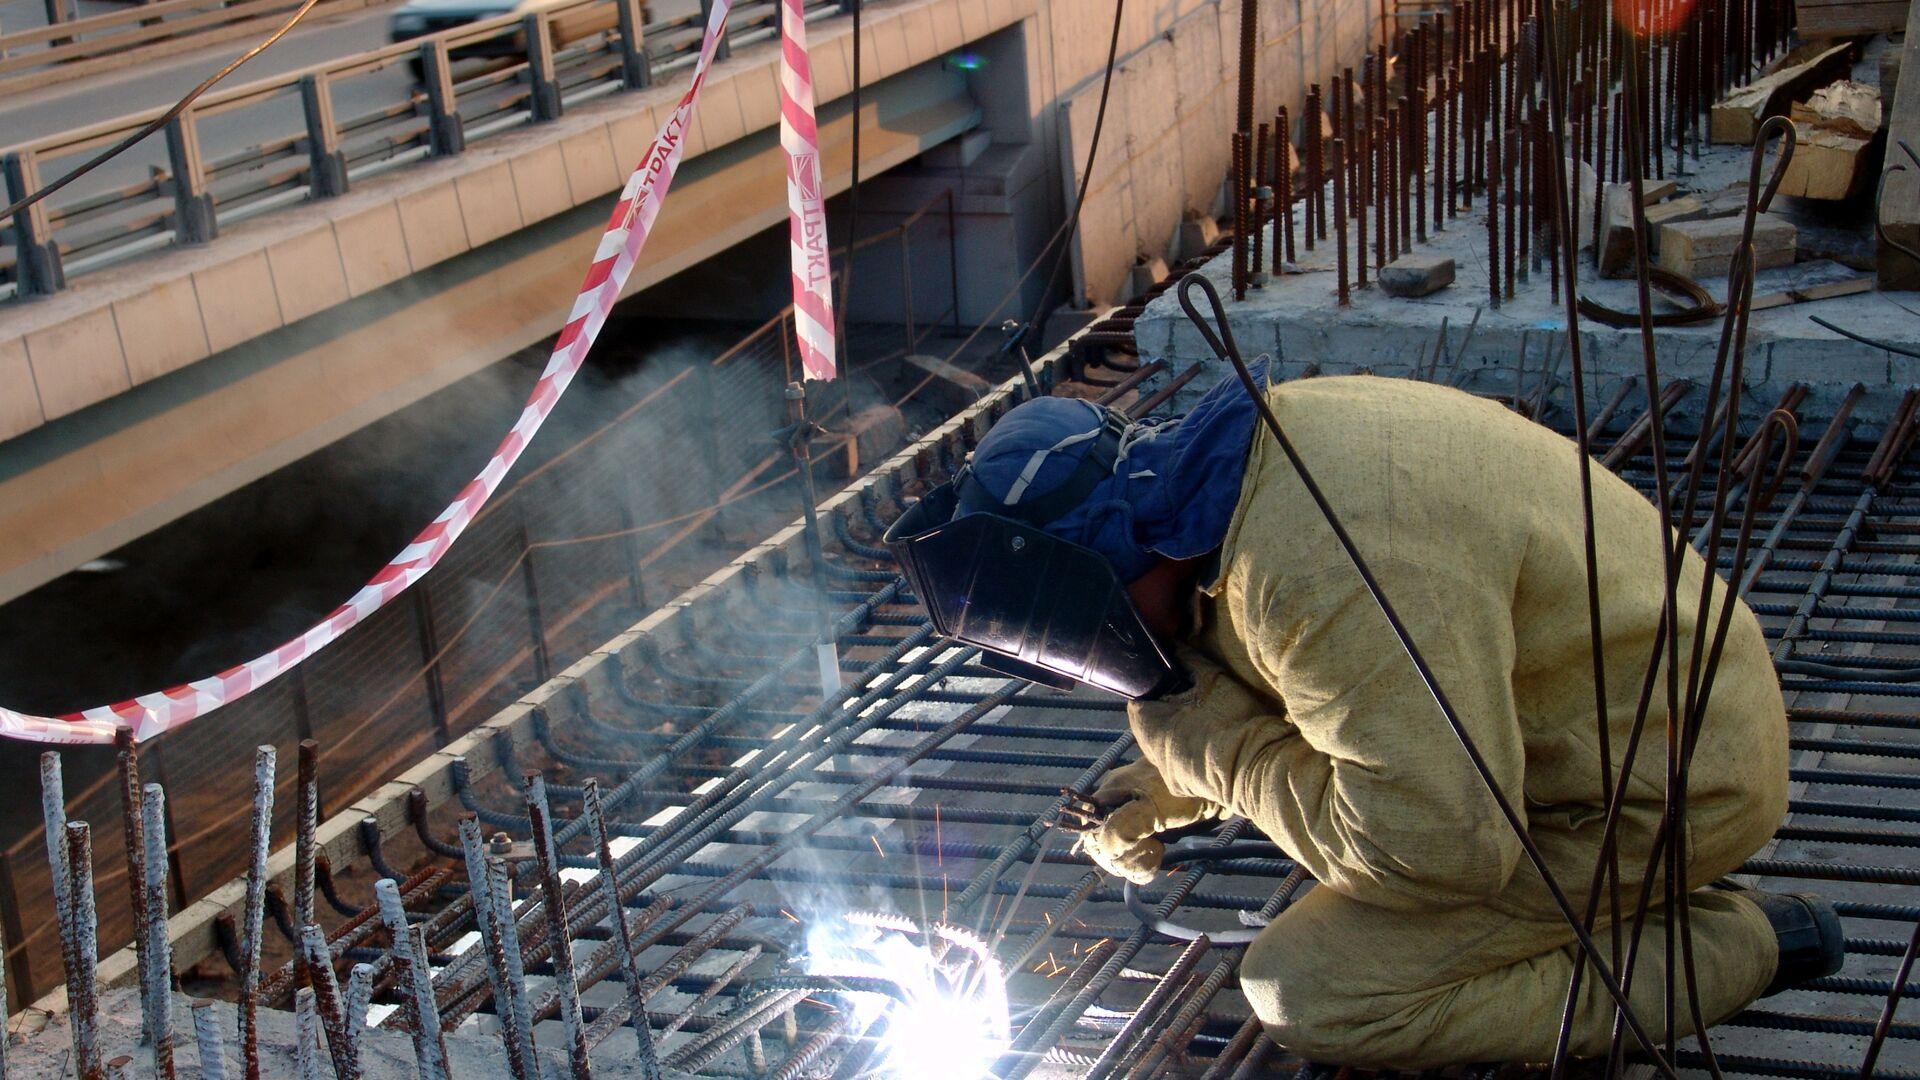 Строительство новой эстакады в районе развязки третьего транспортного кольца и Звенигородского шоссе - РИА Новости, 1920, 31.01.2021